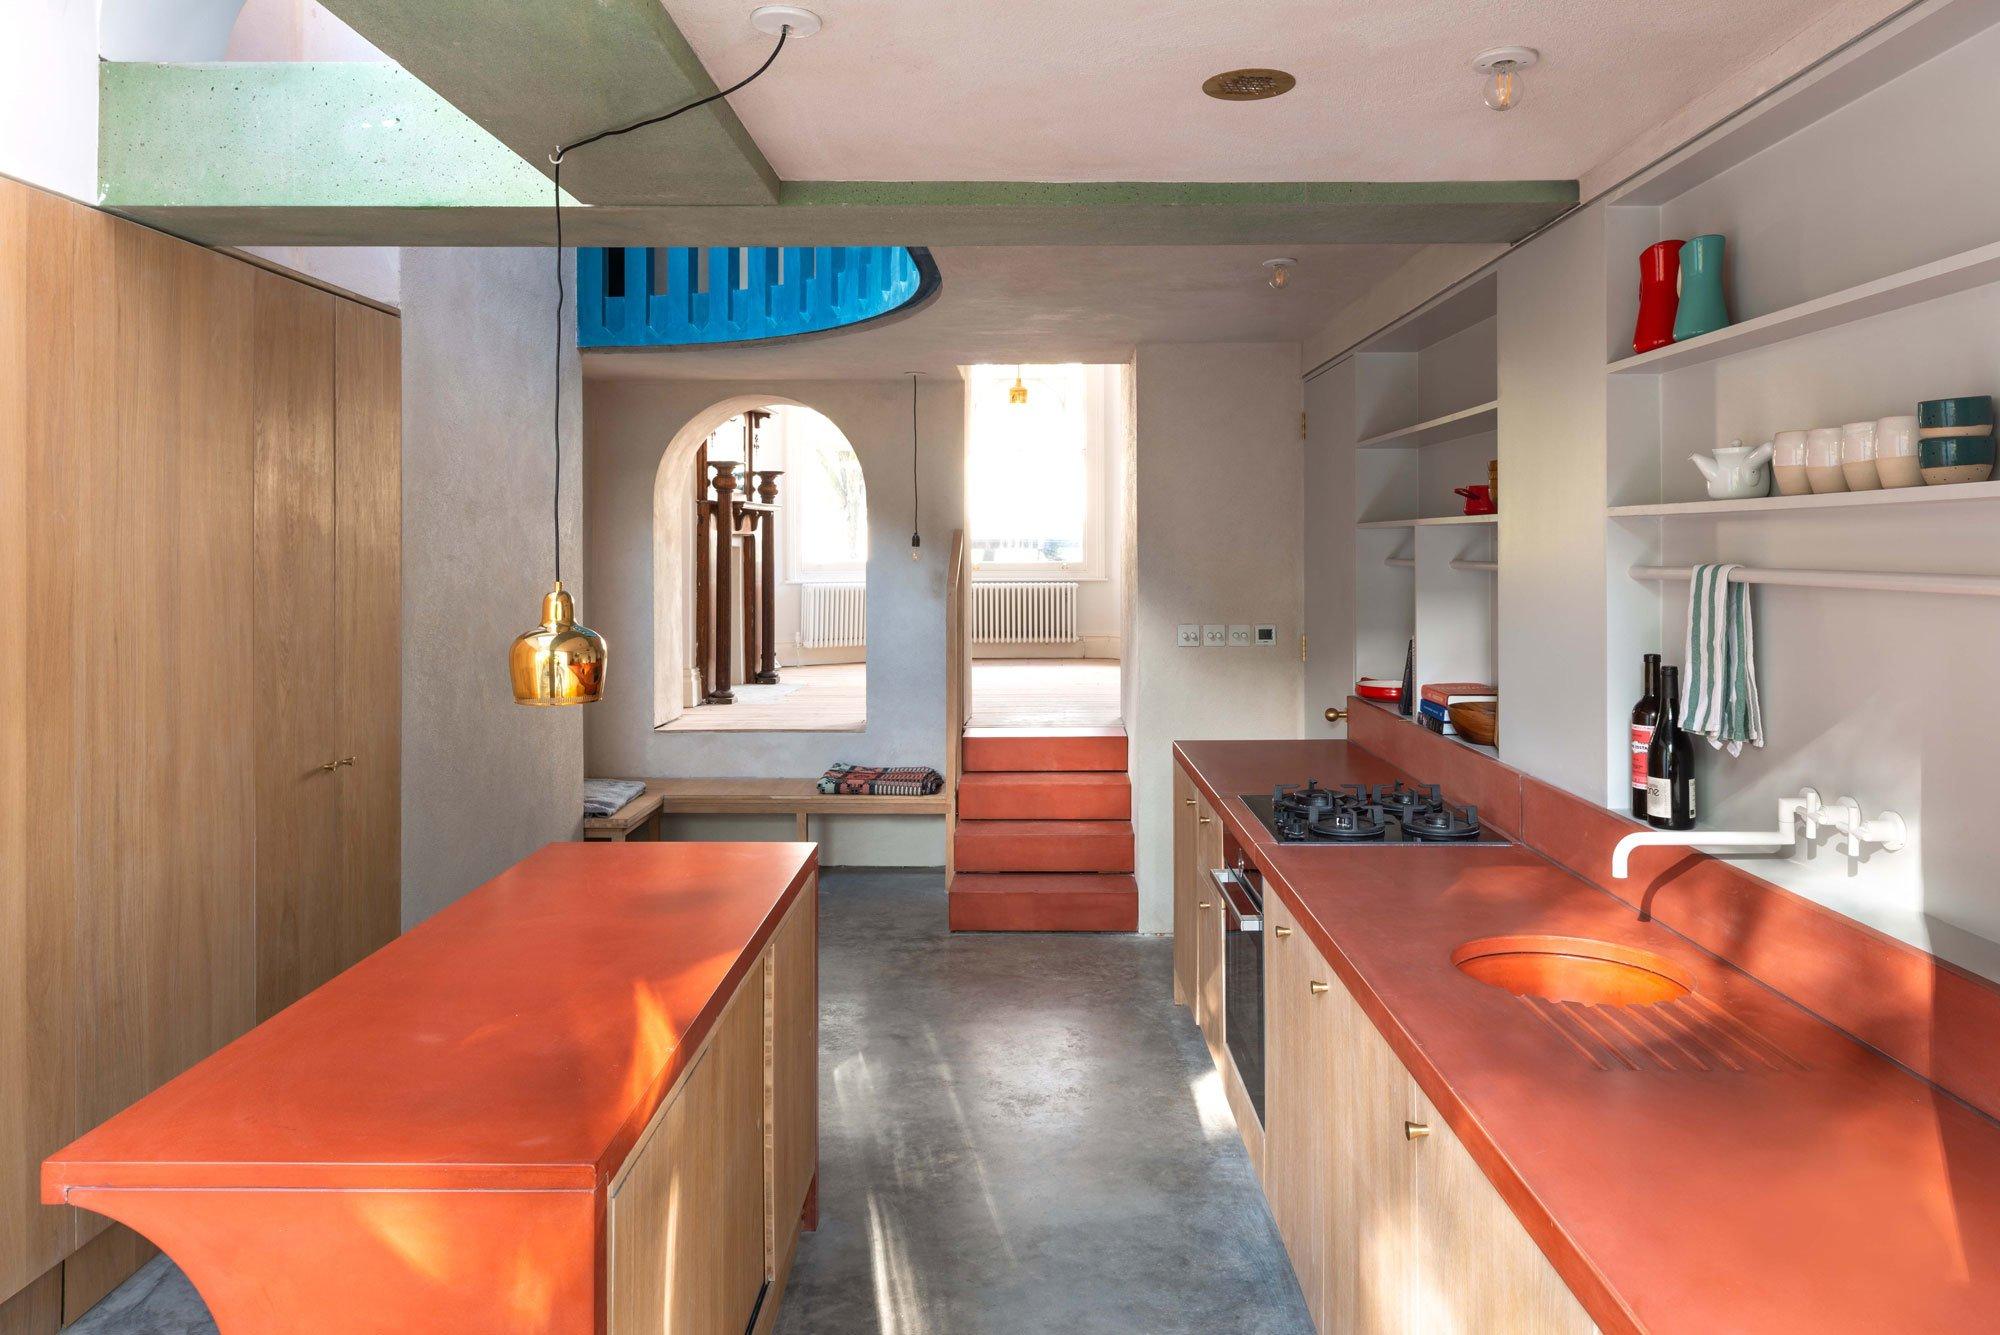 Mit pigmentiertem Beton setzten die Architekten Farbakzente in der Küche.